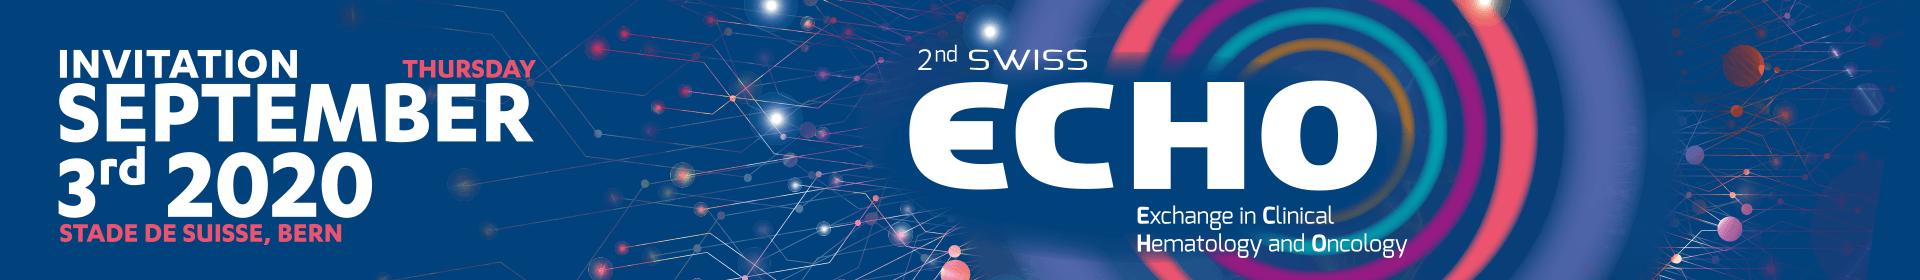 Echo Sept 3rd 2020 - Bern